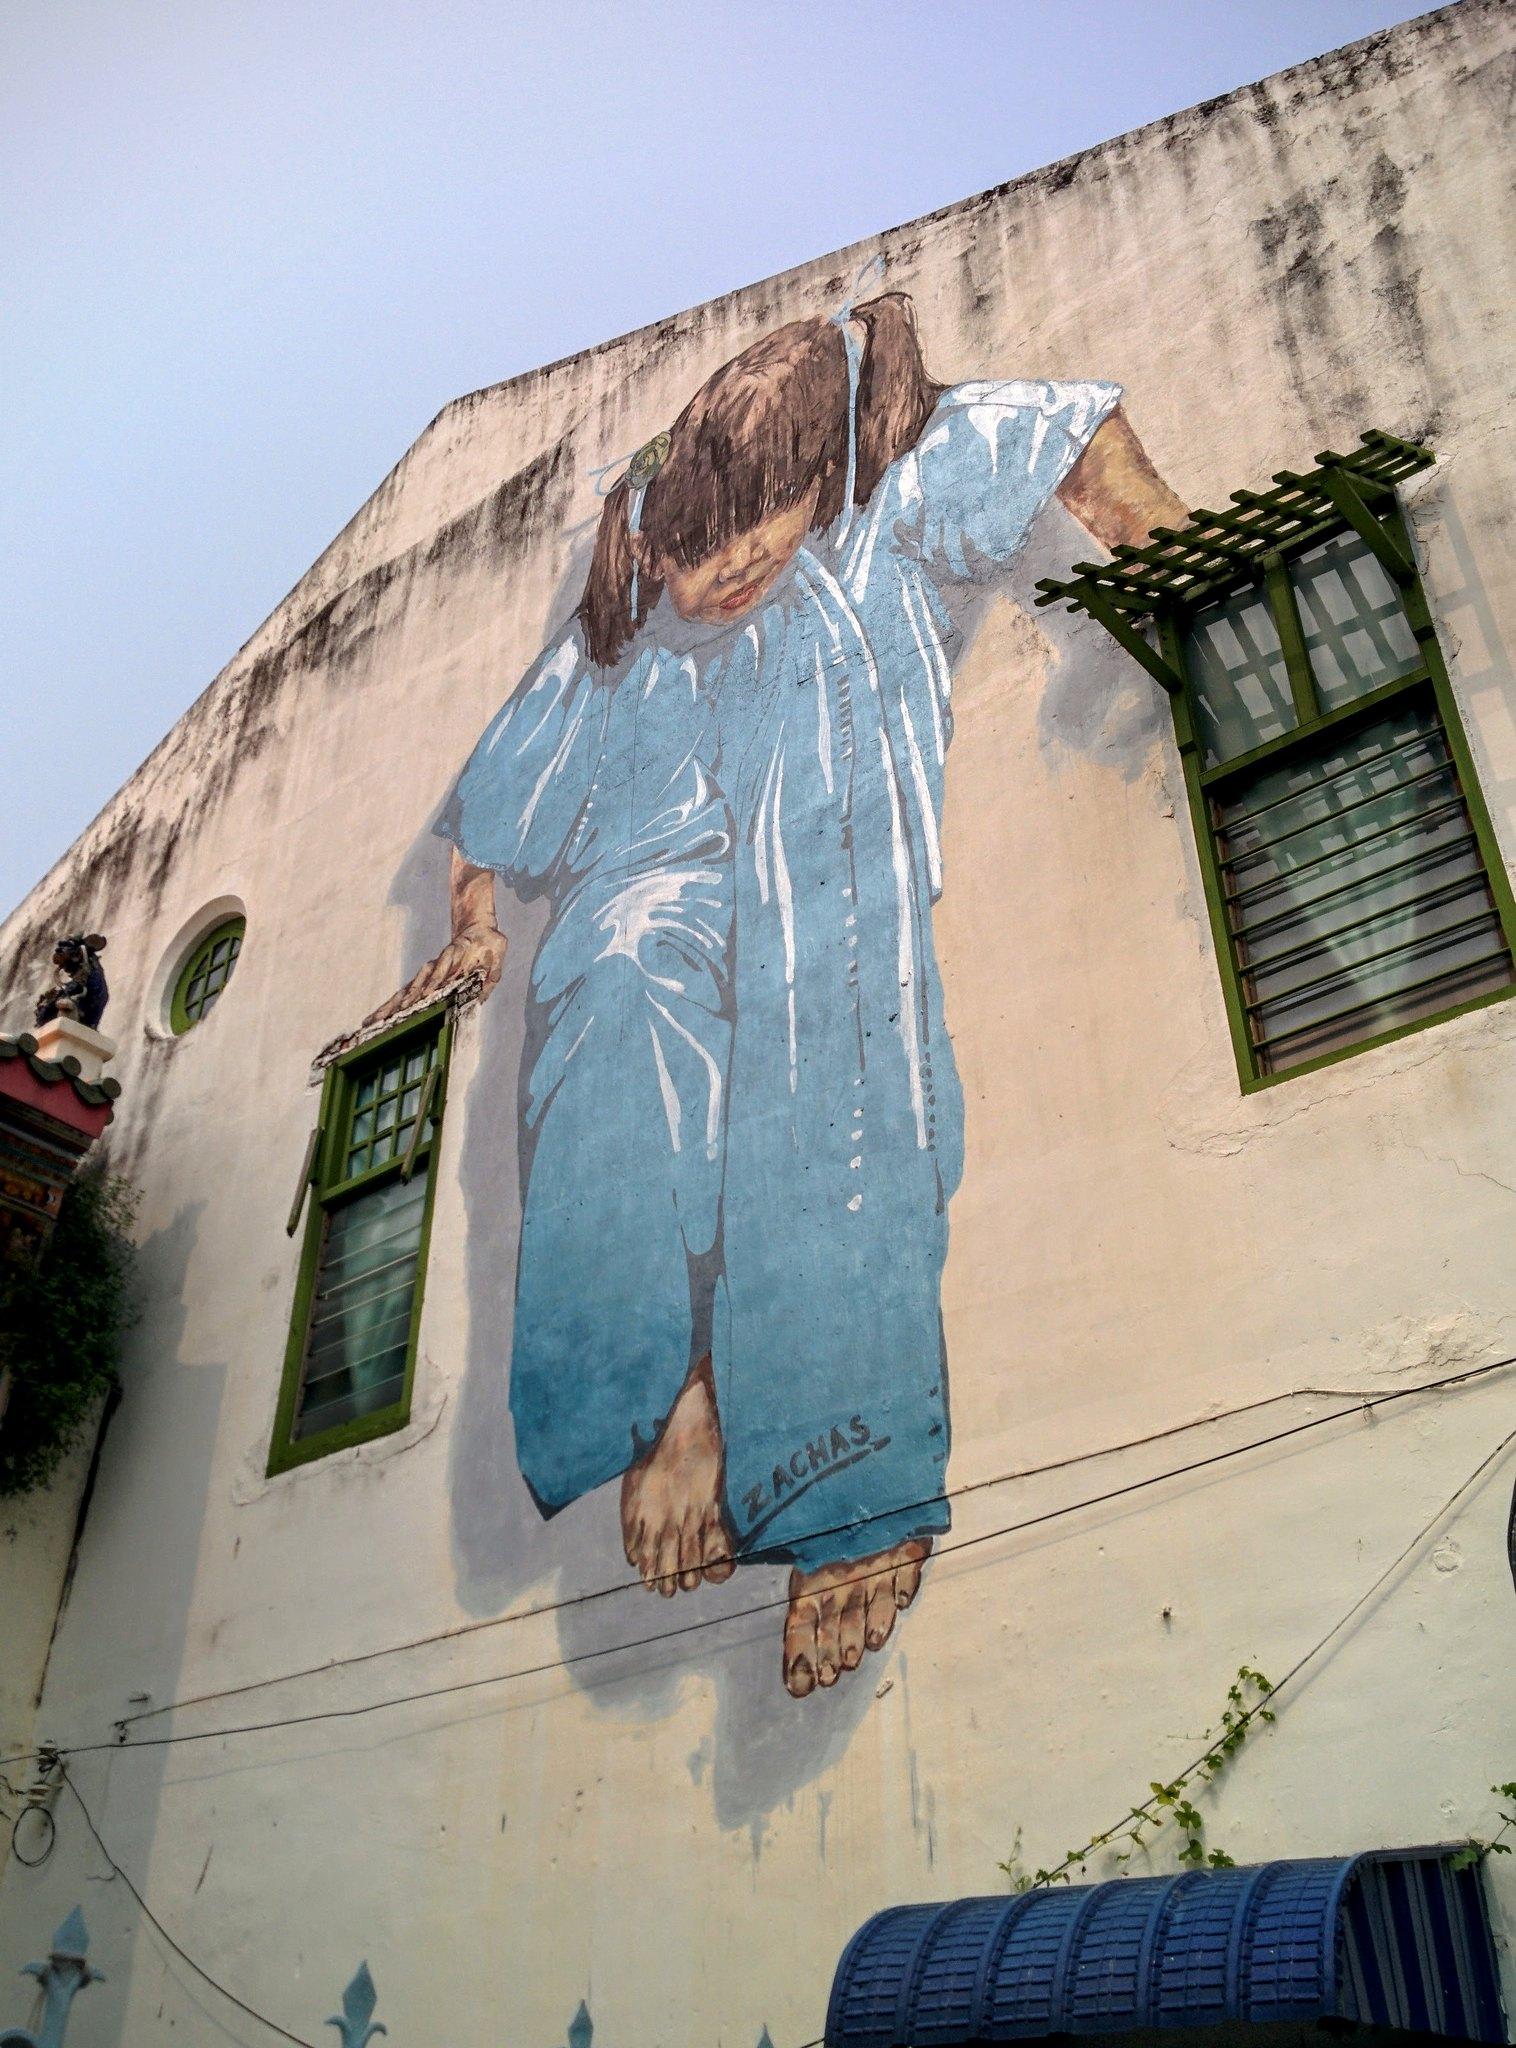 Street art of a girl doing pull ups